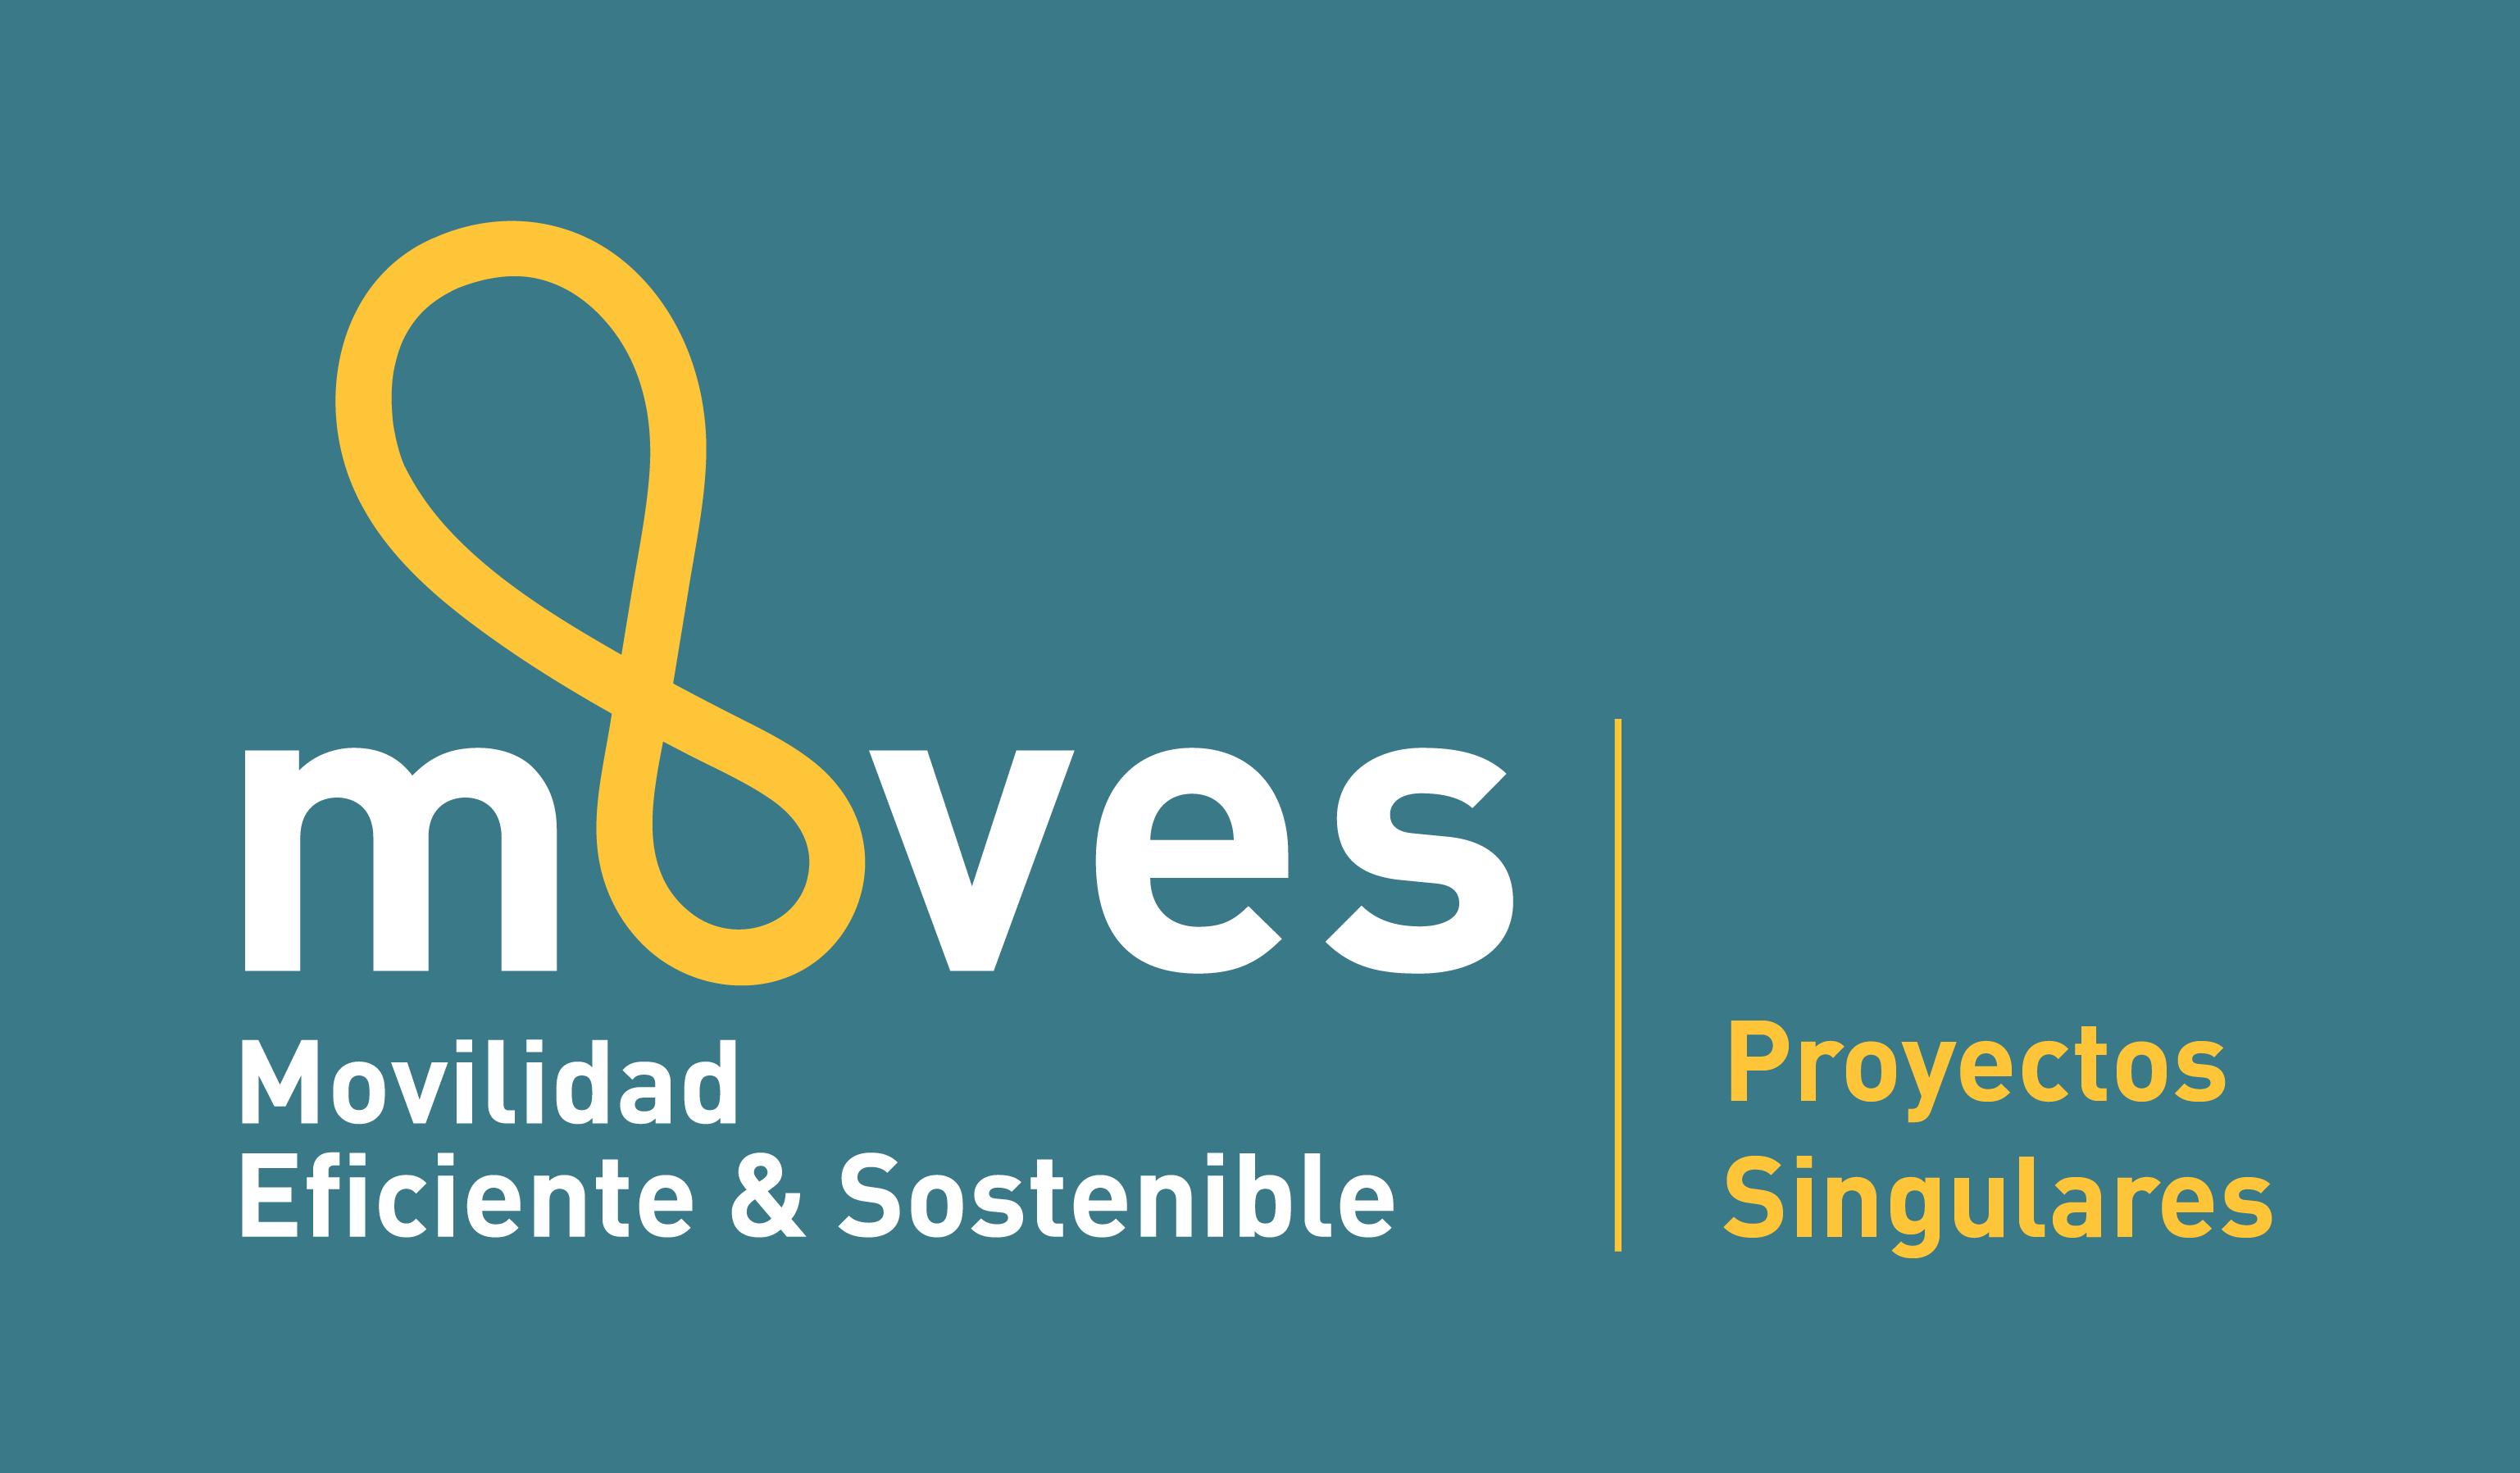 LOGO-Plan-MOVES-Proyectos Singulares